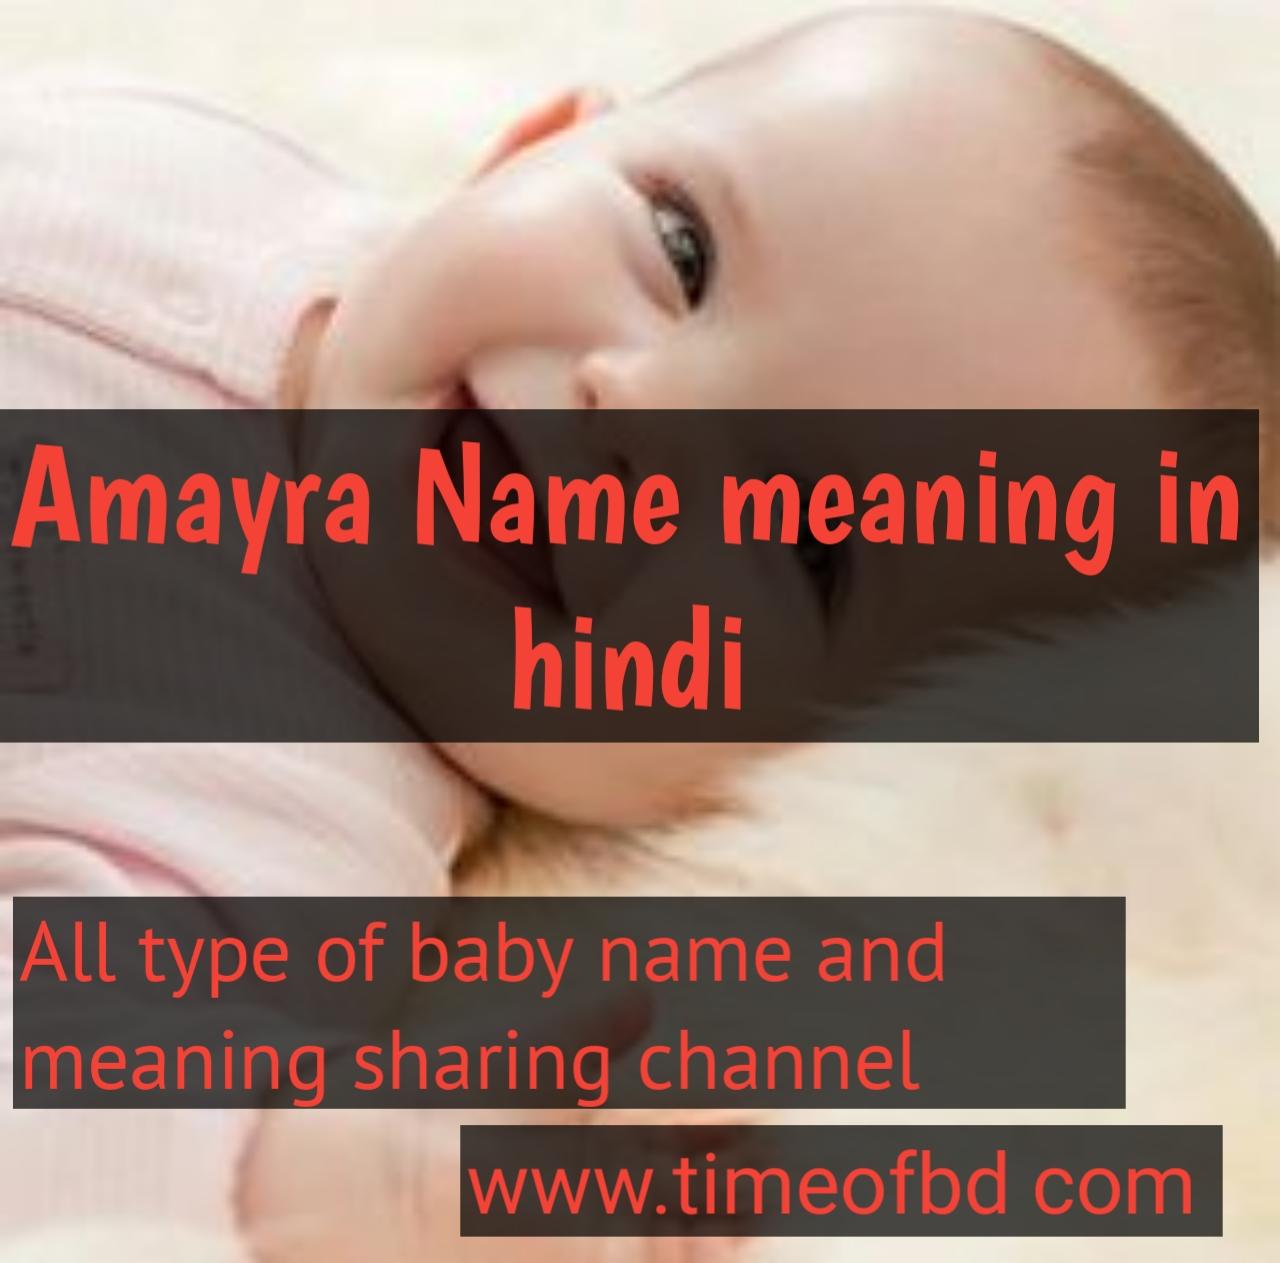 amayra  name meaning in hindi, amayra ka meaning ,amayra meaning in hindi dictioanry,meaning of amayra in hindi